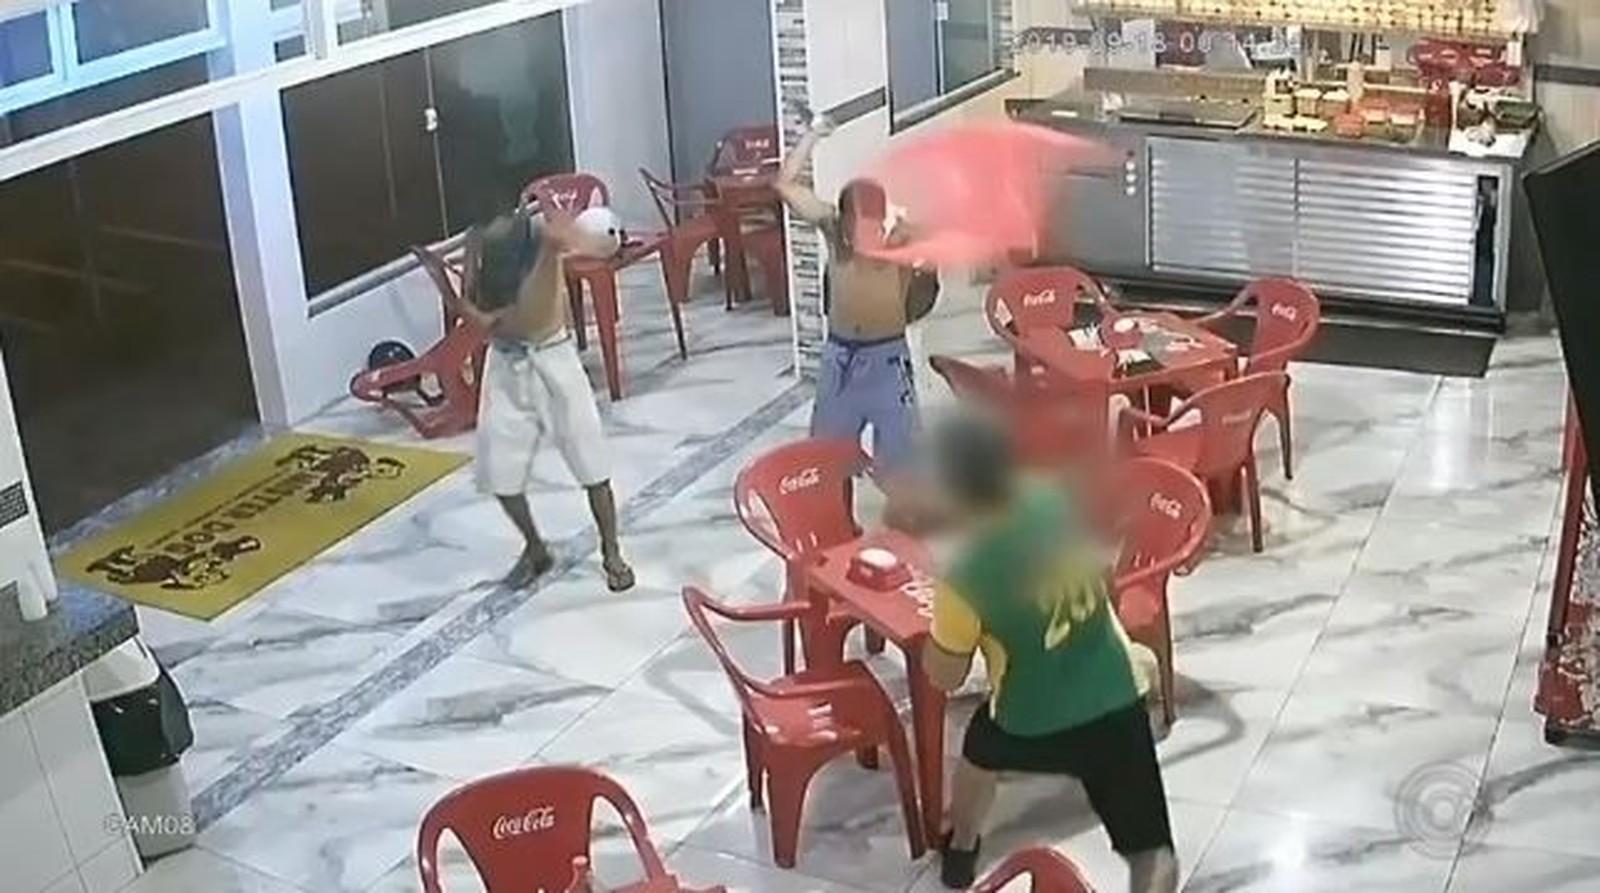 Ladrões levam cadeiradas ao tentarem assaltar lanchonete